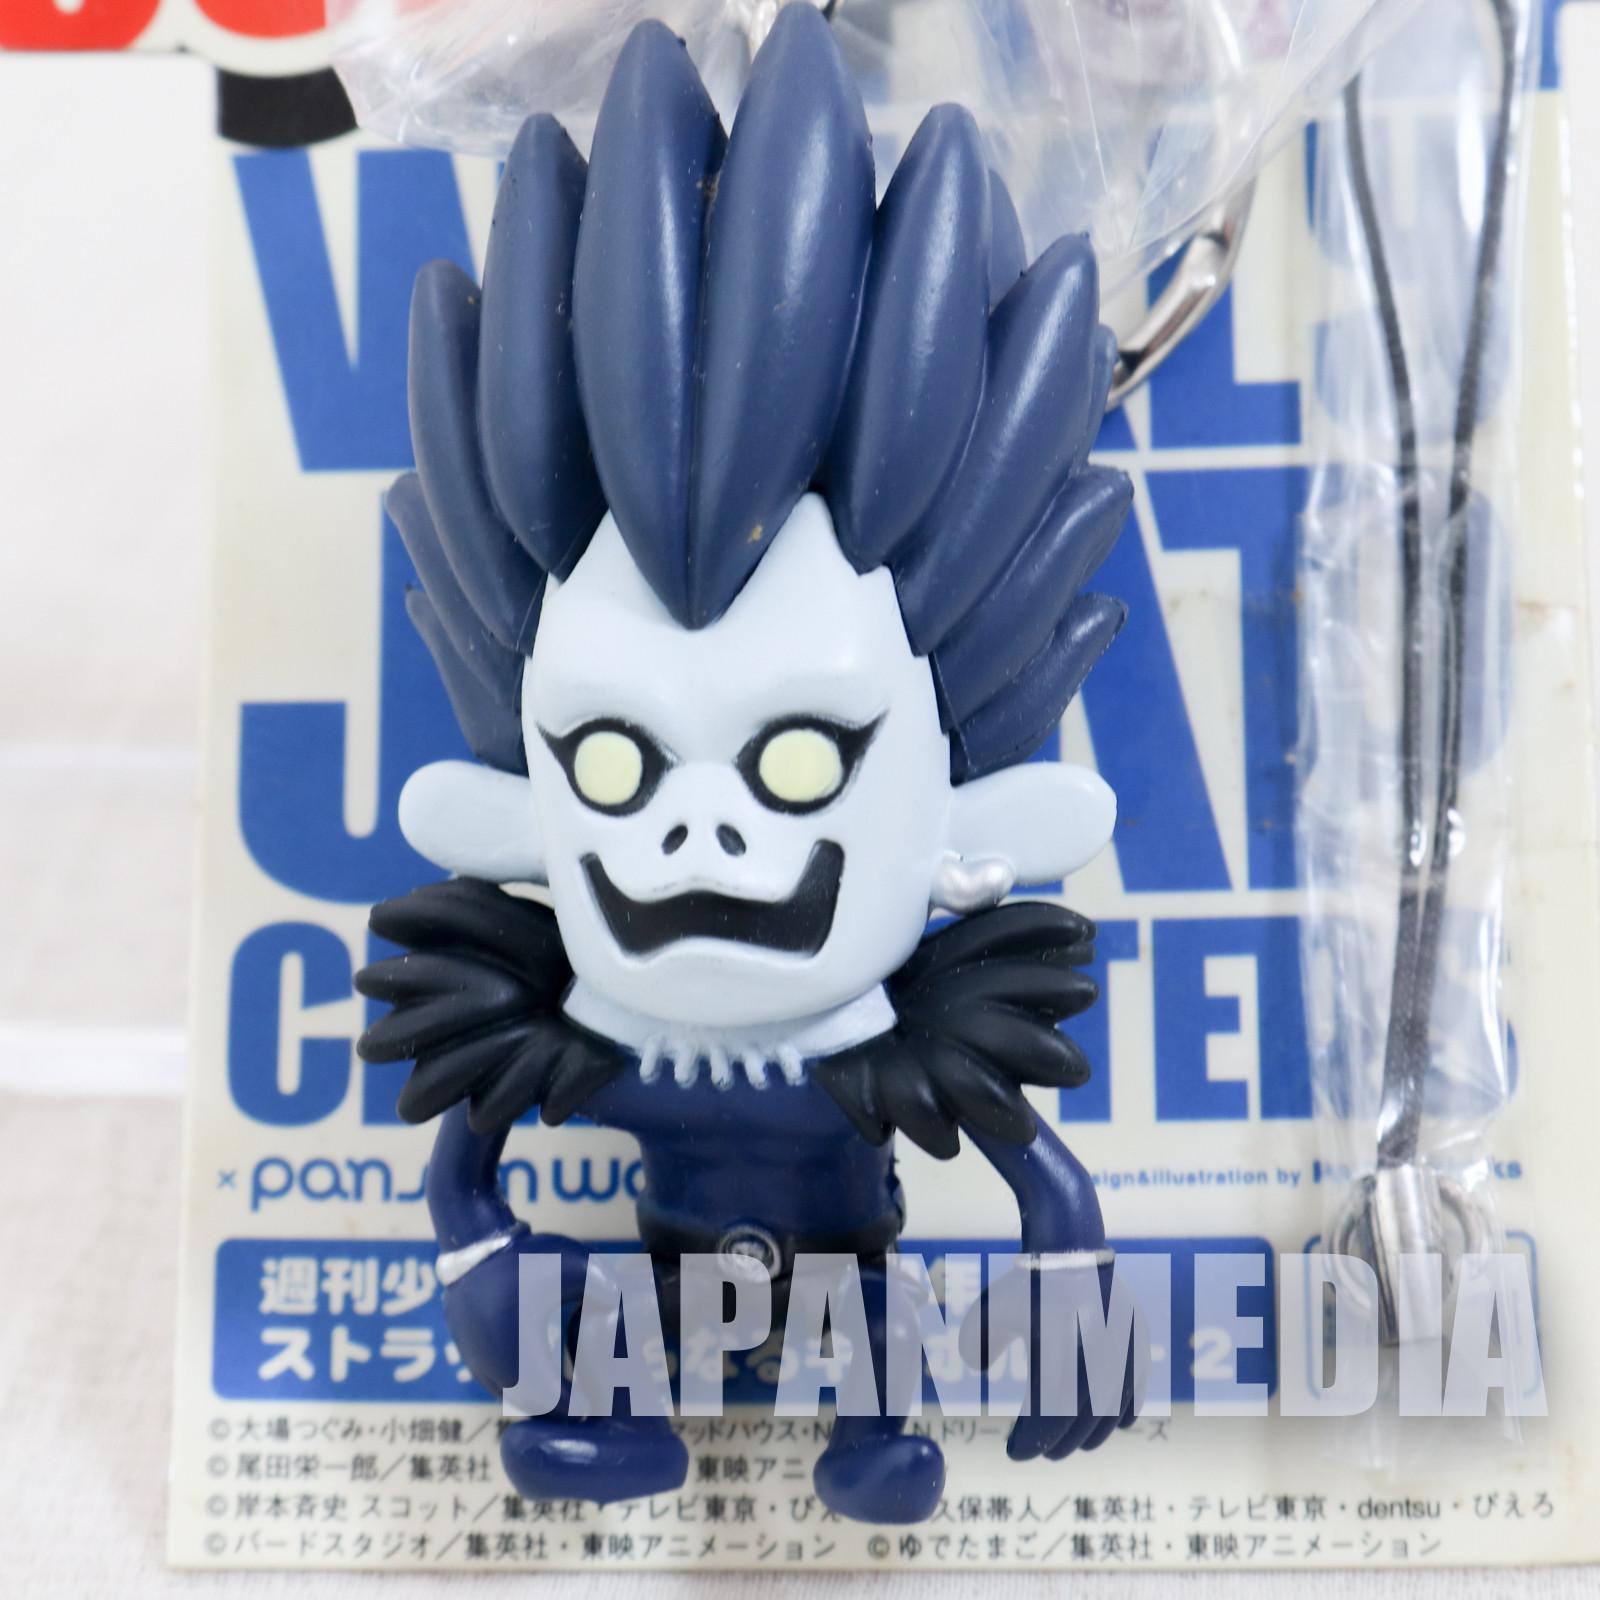 Death Note Shinigami Ryuk Figure Keychain JAPAN ANIME MANGA SHONEN JUMP